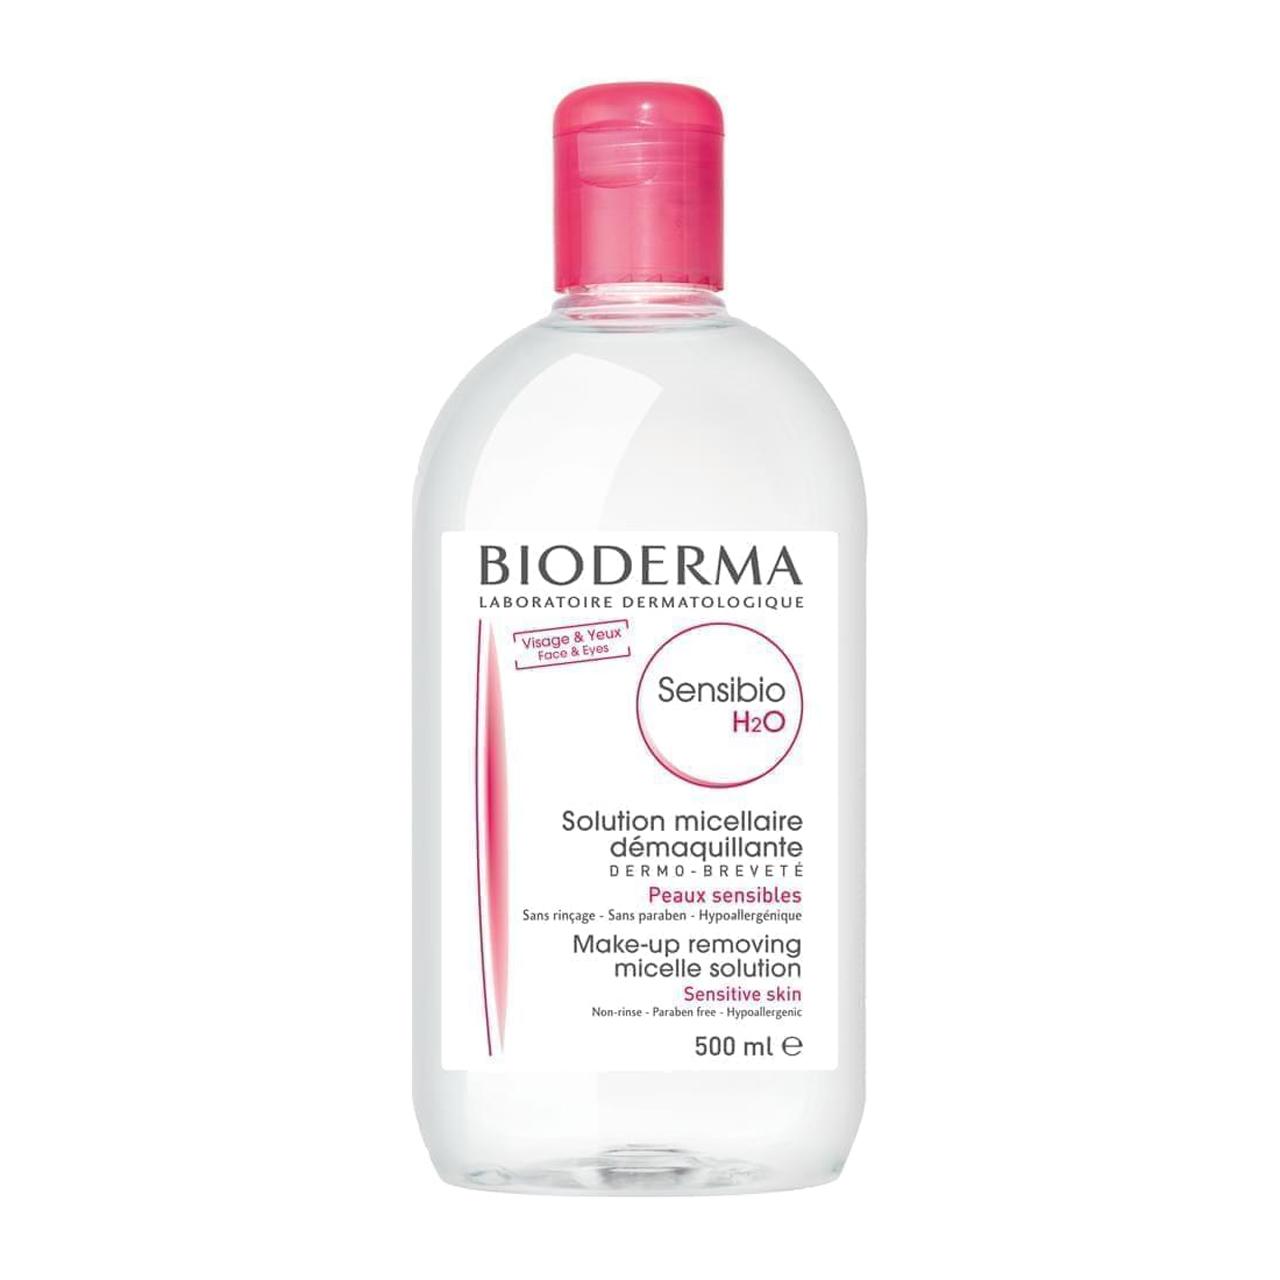 محلول پاک کننده آرایش بایودرما مدل Sensibio H2O حجم 500 میلی لیتر